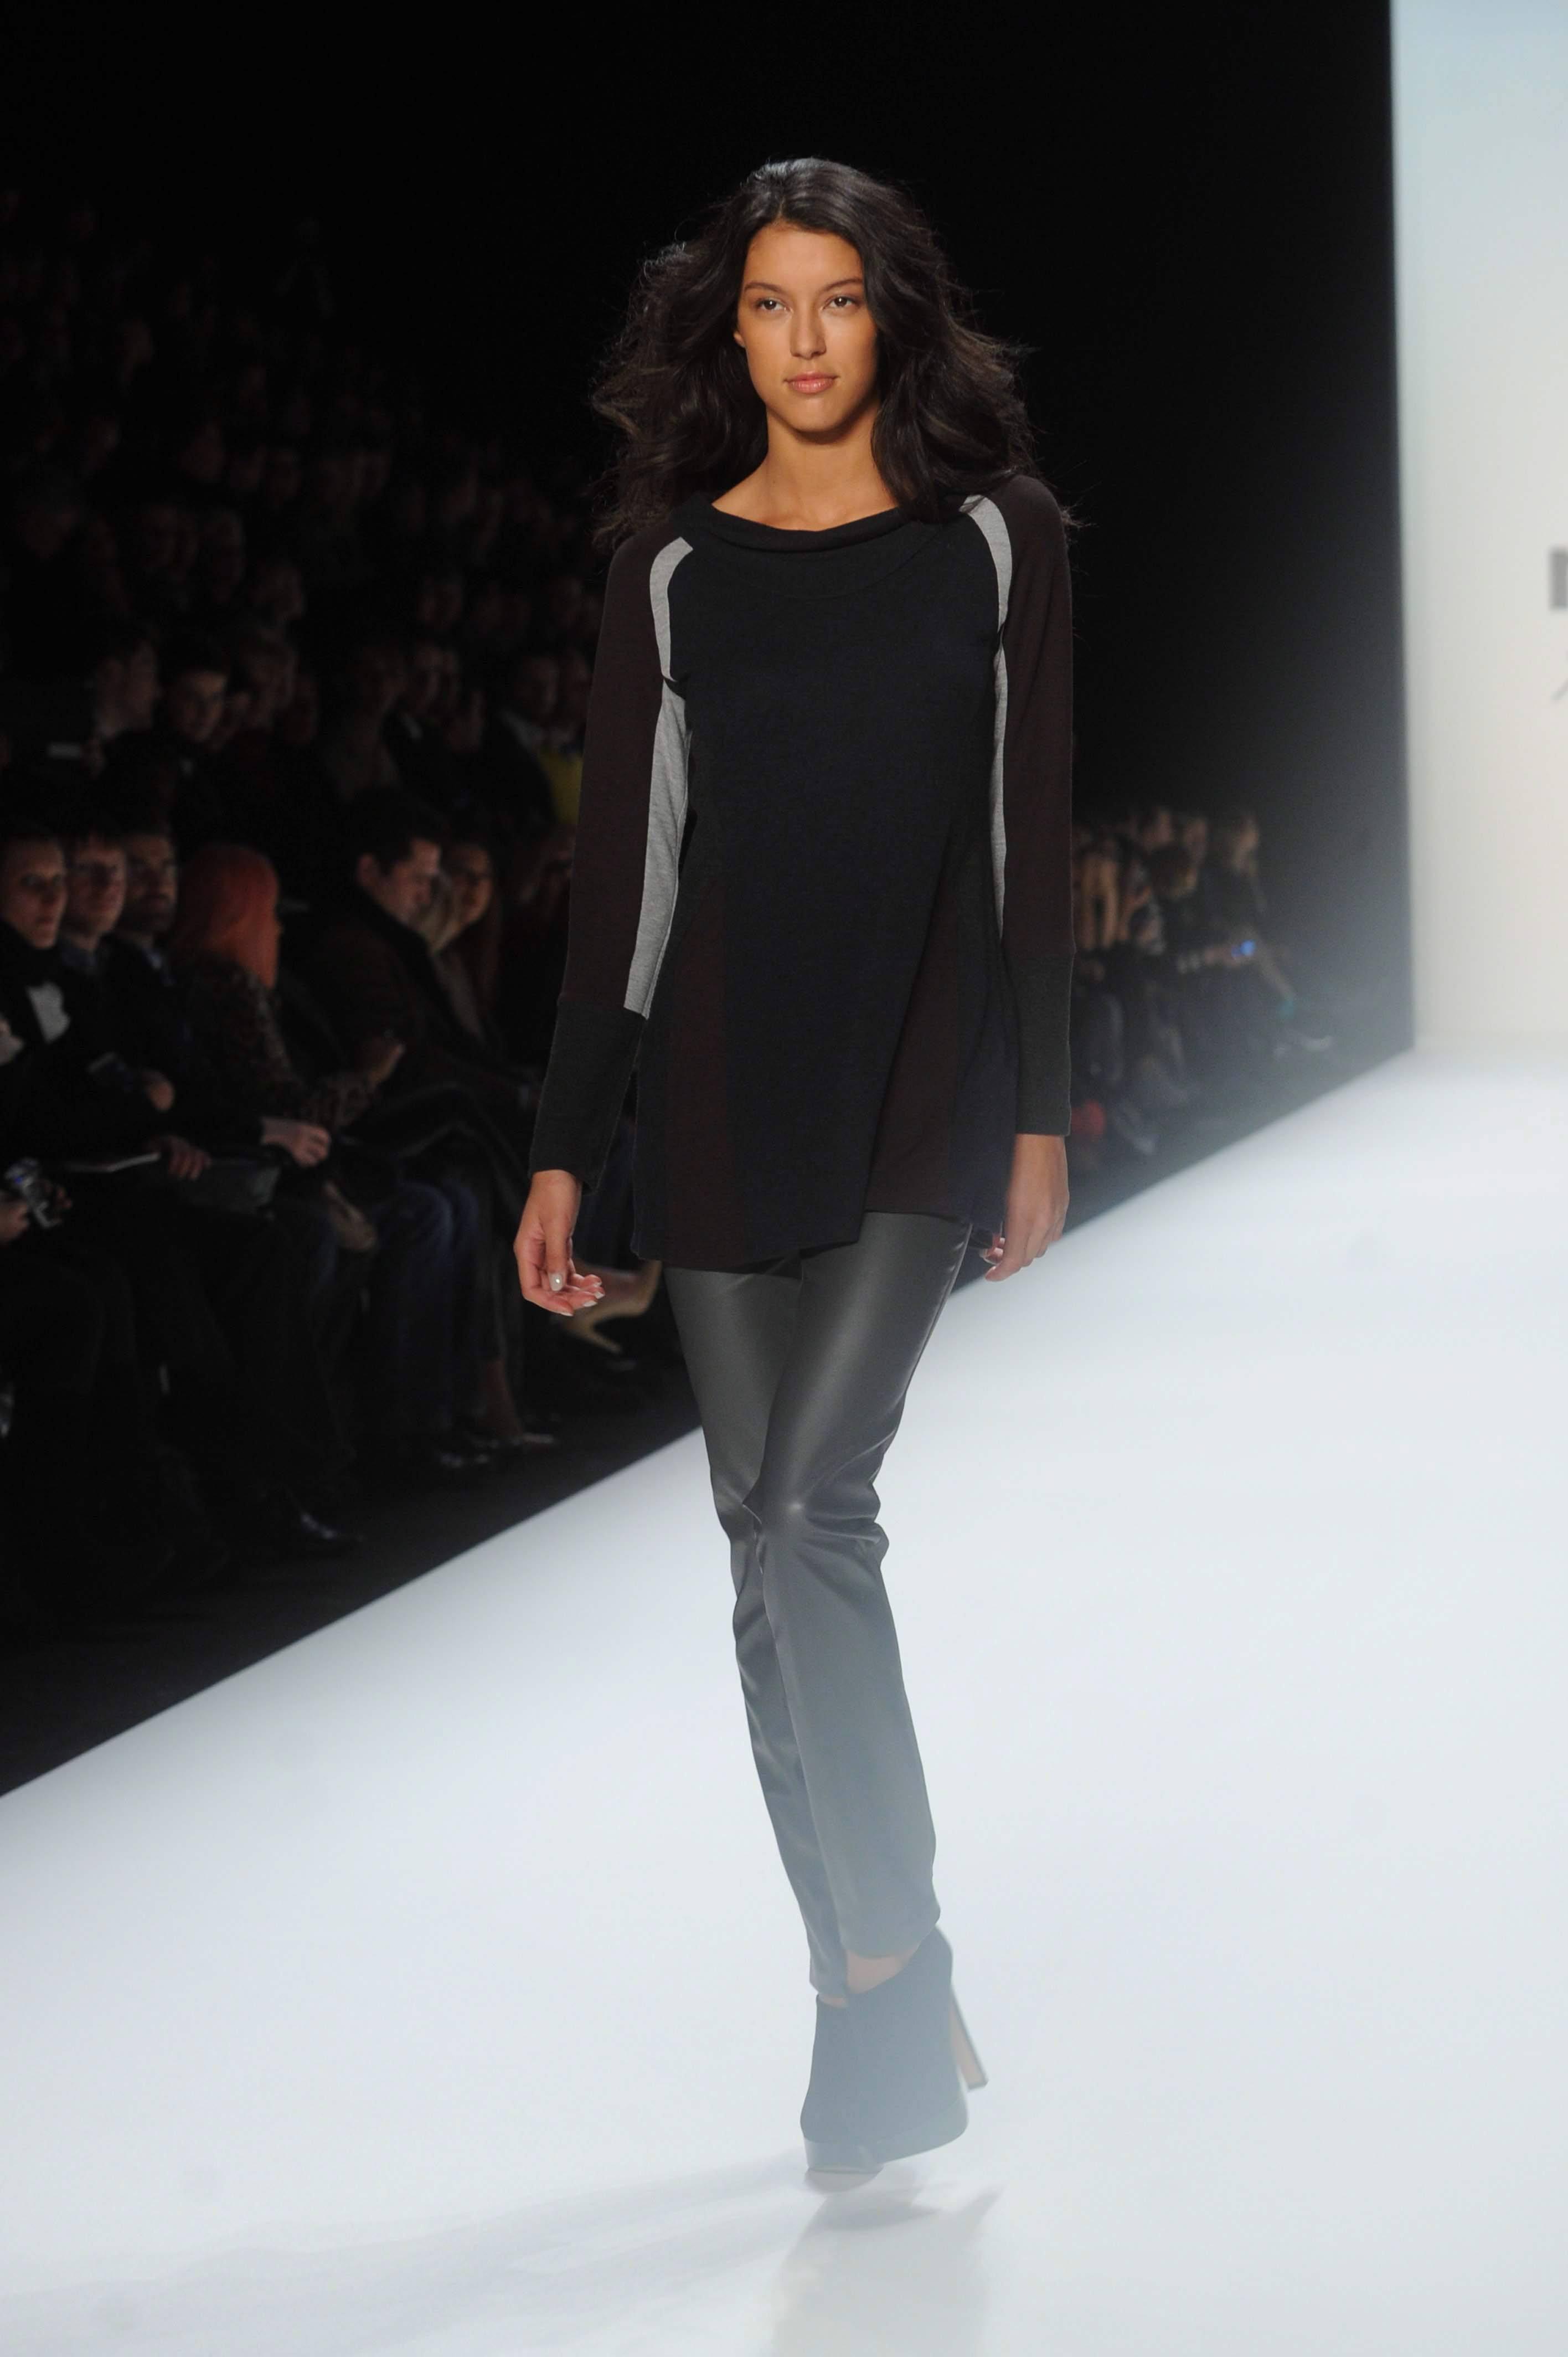 03725_fashion_week_2576_122_392lo.jpg